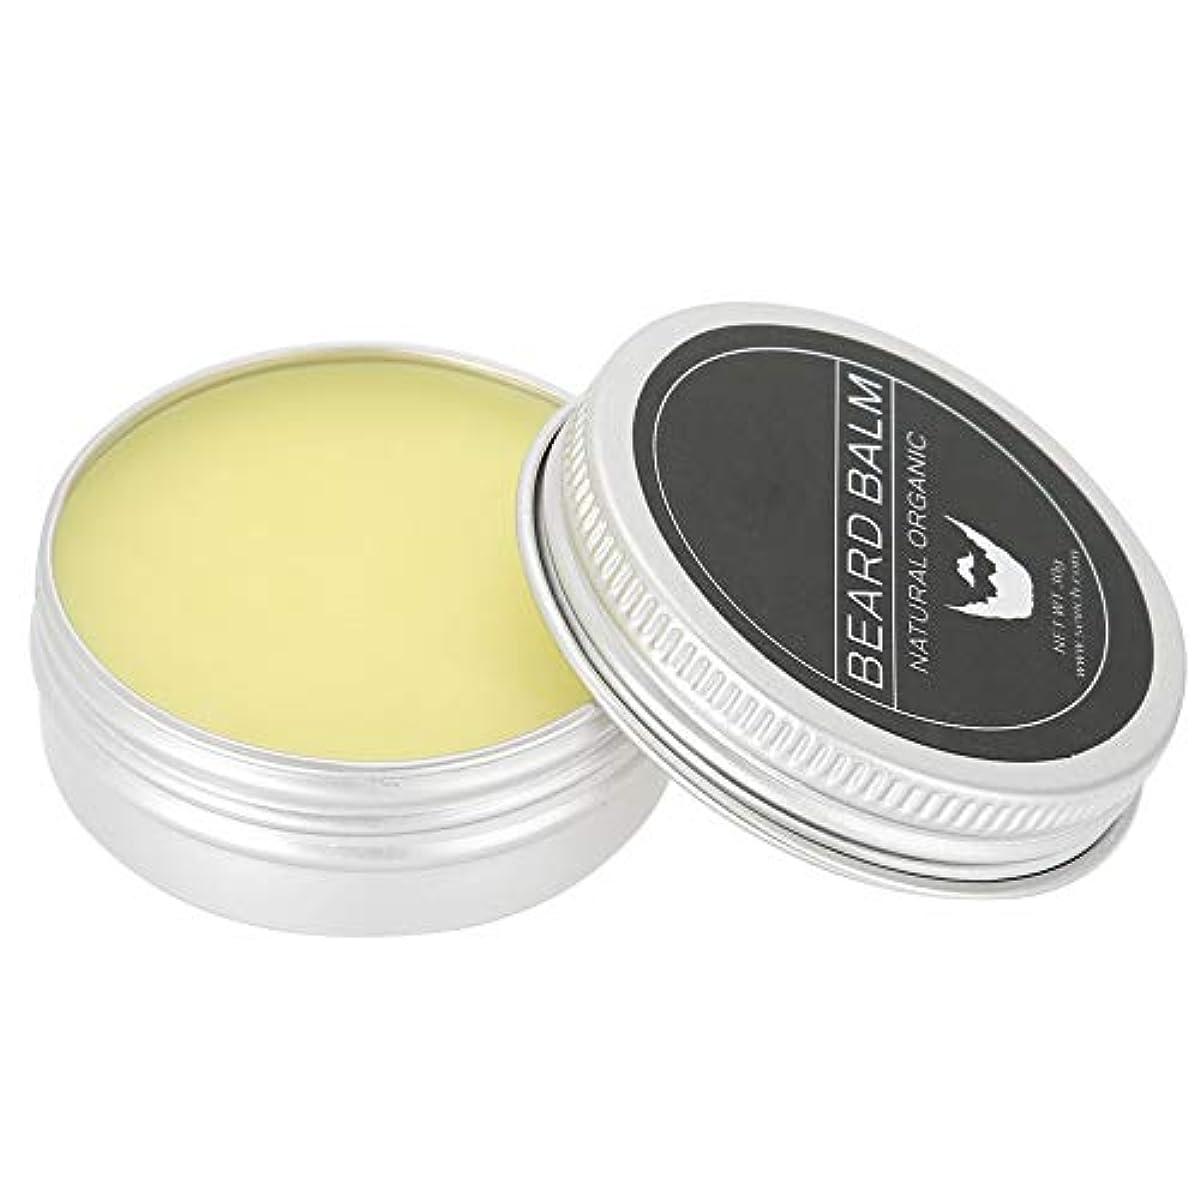 姉妹方言処方するひげグルーミングバーム、口ひげ保湿ワックス抽出植物抽出物ひげを理想的な贈り物に強化し、柔らかくします